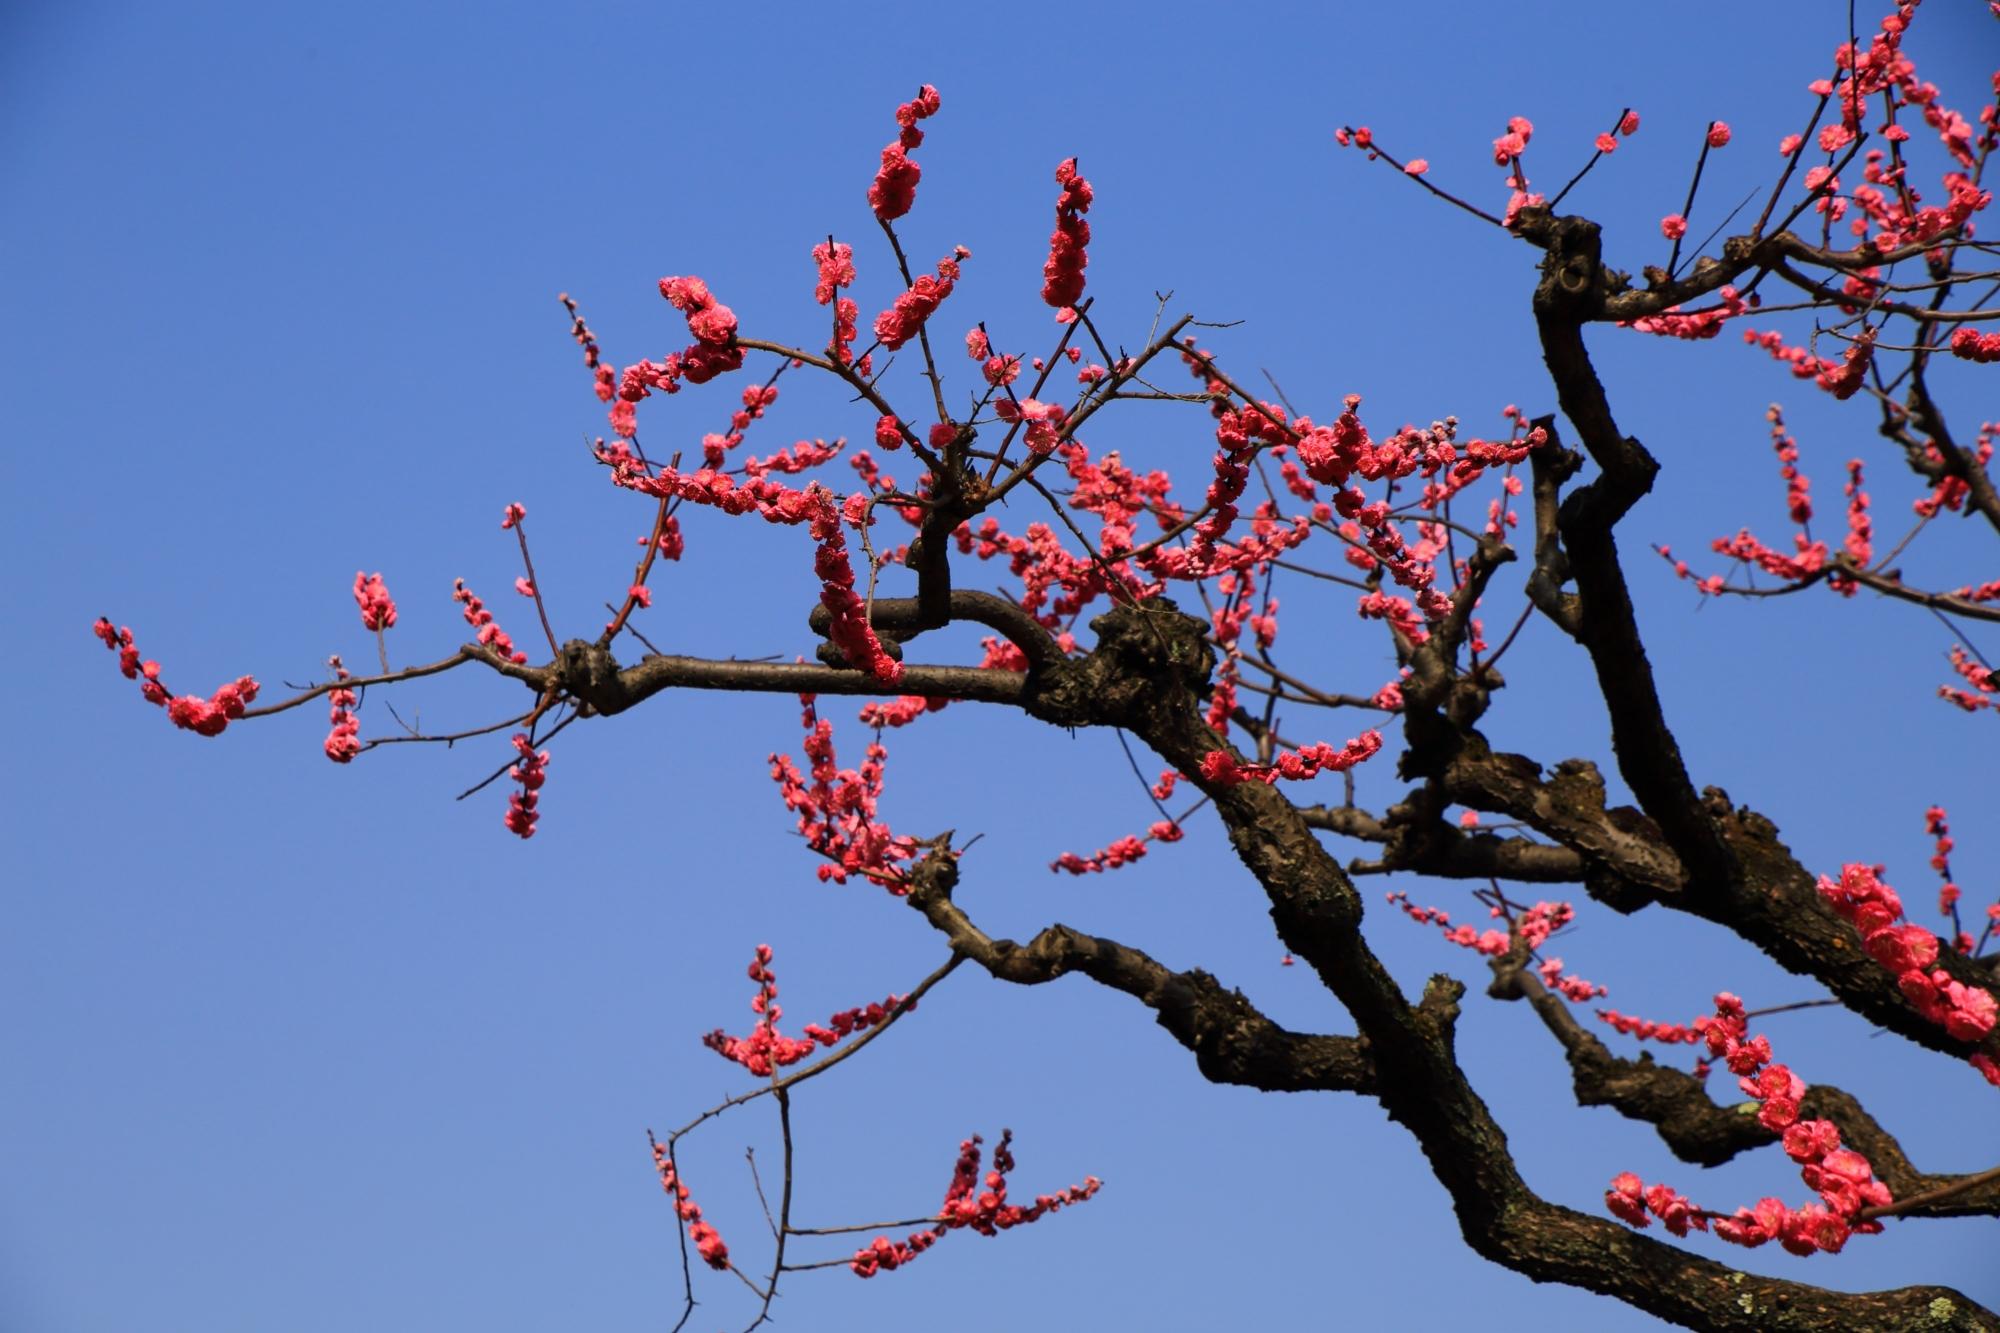 青空をいろんな方向にそめる梅の花と枝